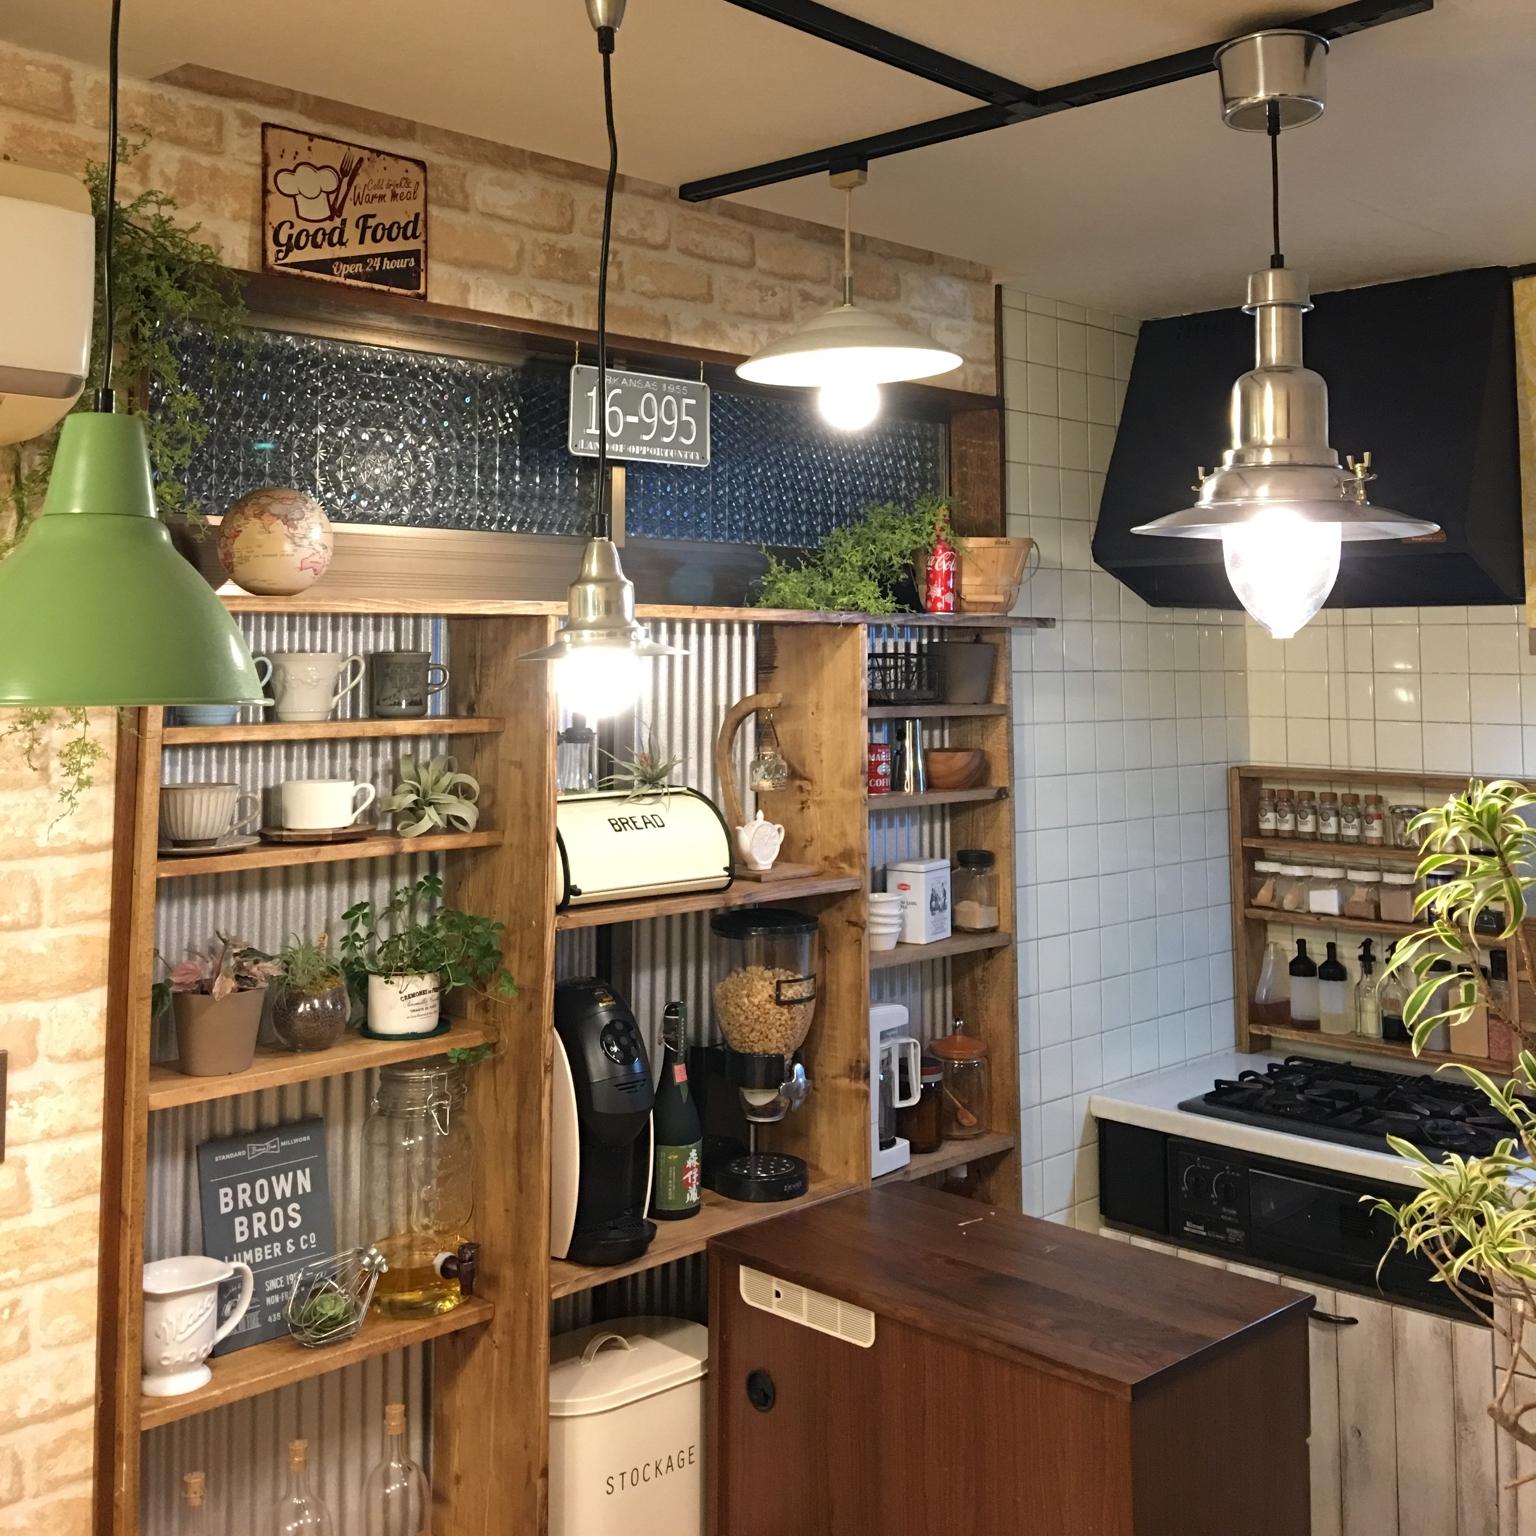 DIYにチャレンジ!部屋を素敵に魅せる飾り棚のDIY実例 | RoomClip mag | 暮らしとインテリアのwebマガジン